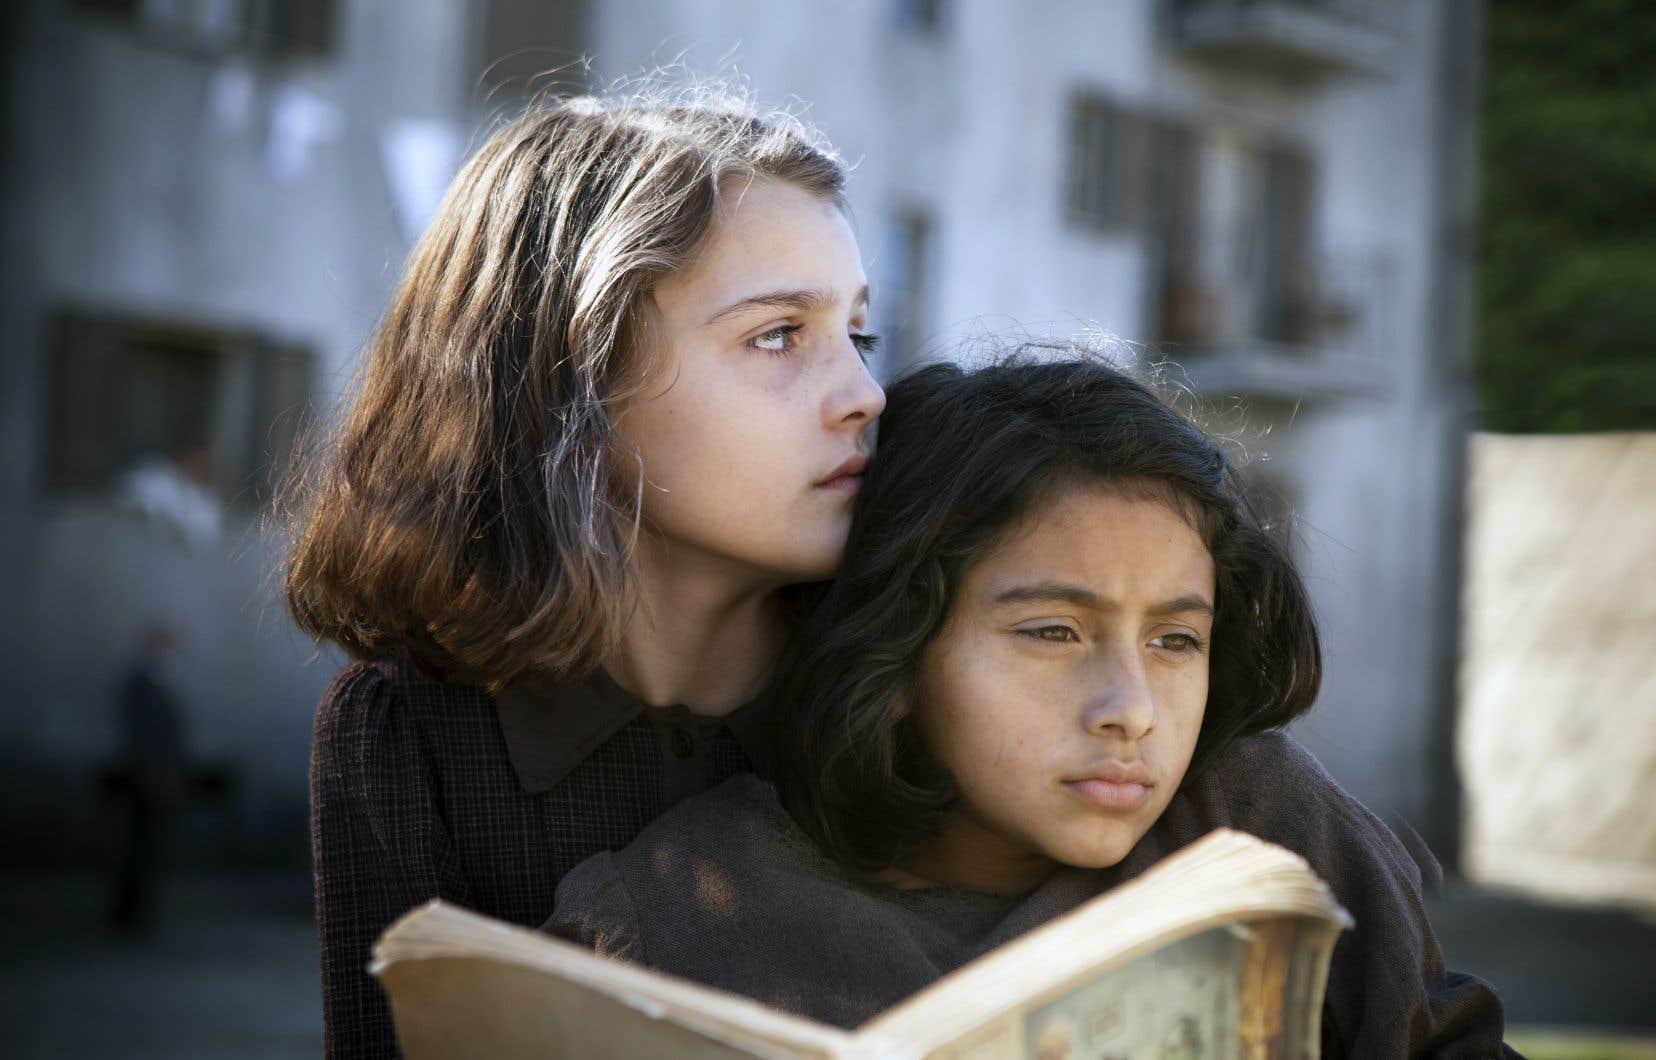 La date de lancement de «My Brilliant Friend», une adaptation du premier tome de la saga italienne «L'amie prodigieuse», d'Elena Ferrante, qui signe d'ailleurs le scénario, est toujours inconnue.